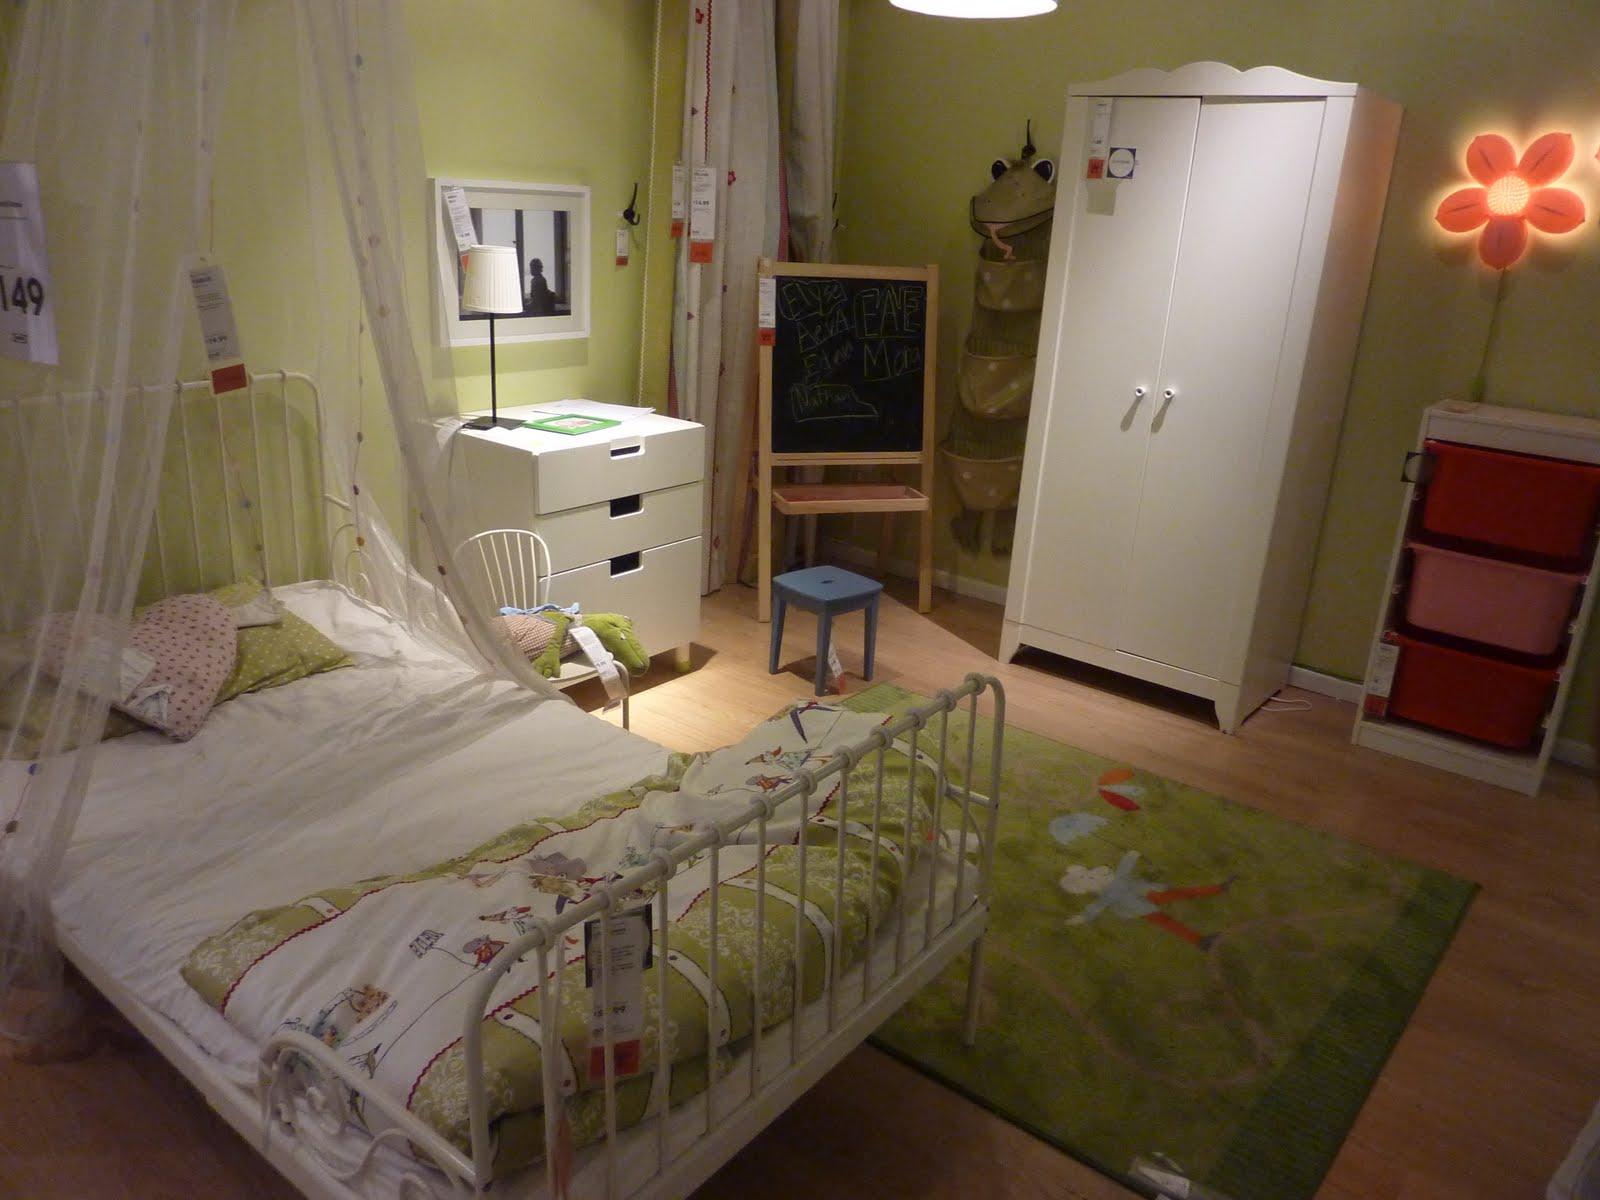 Montebello Mom IKEA Covina Free family fun for all